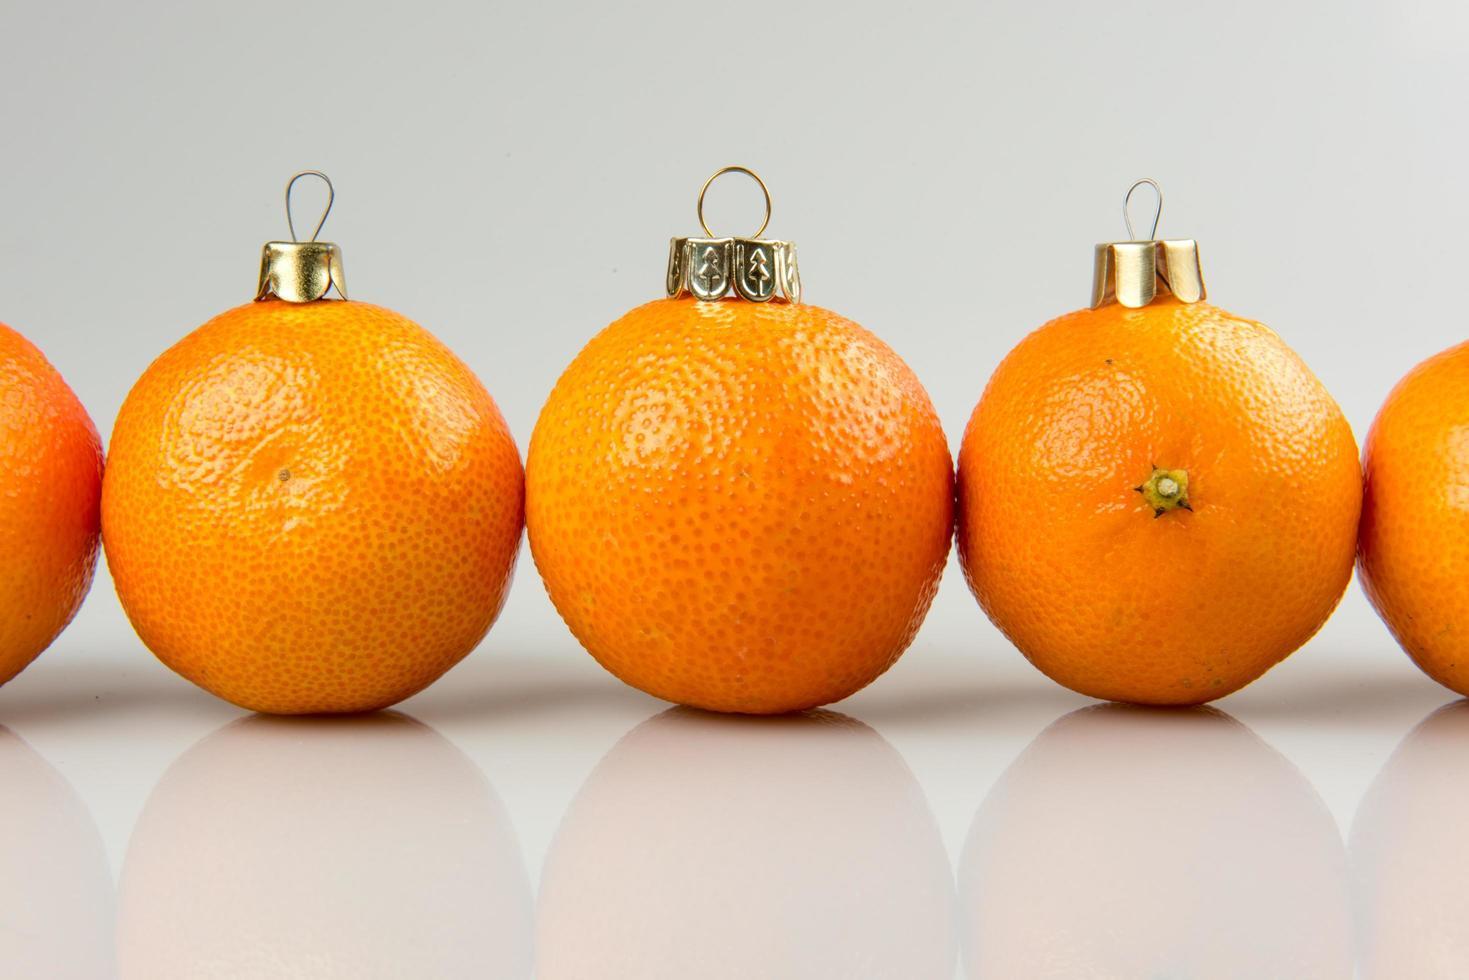 primo piano delle bagattelle del mandarino foto